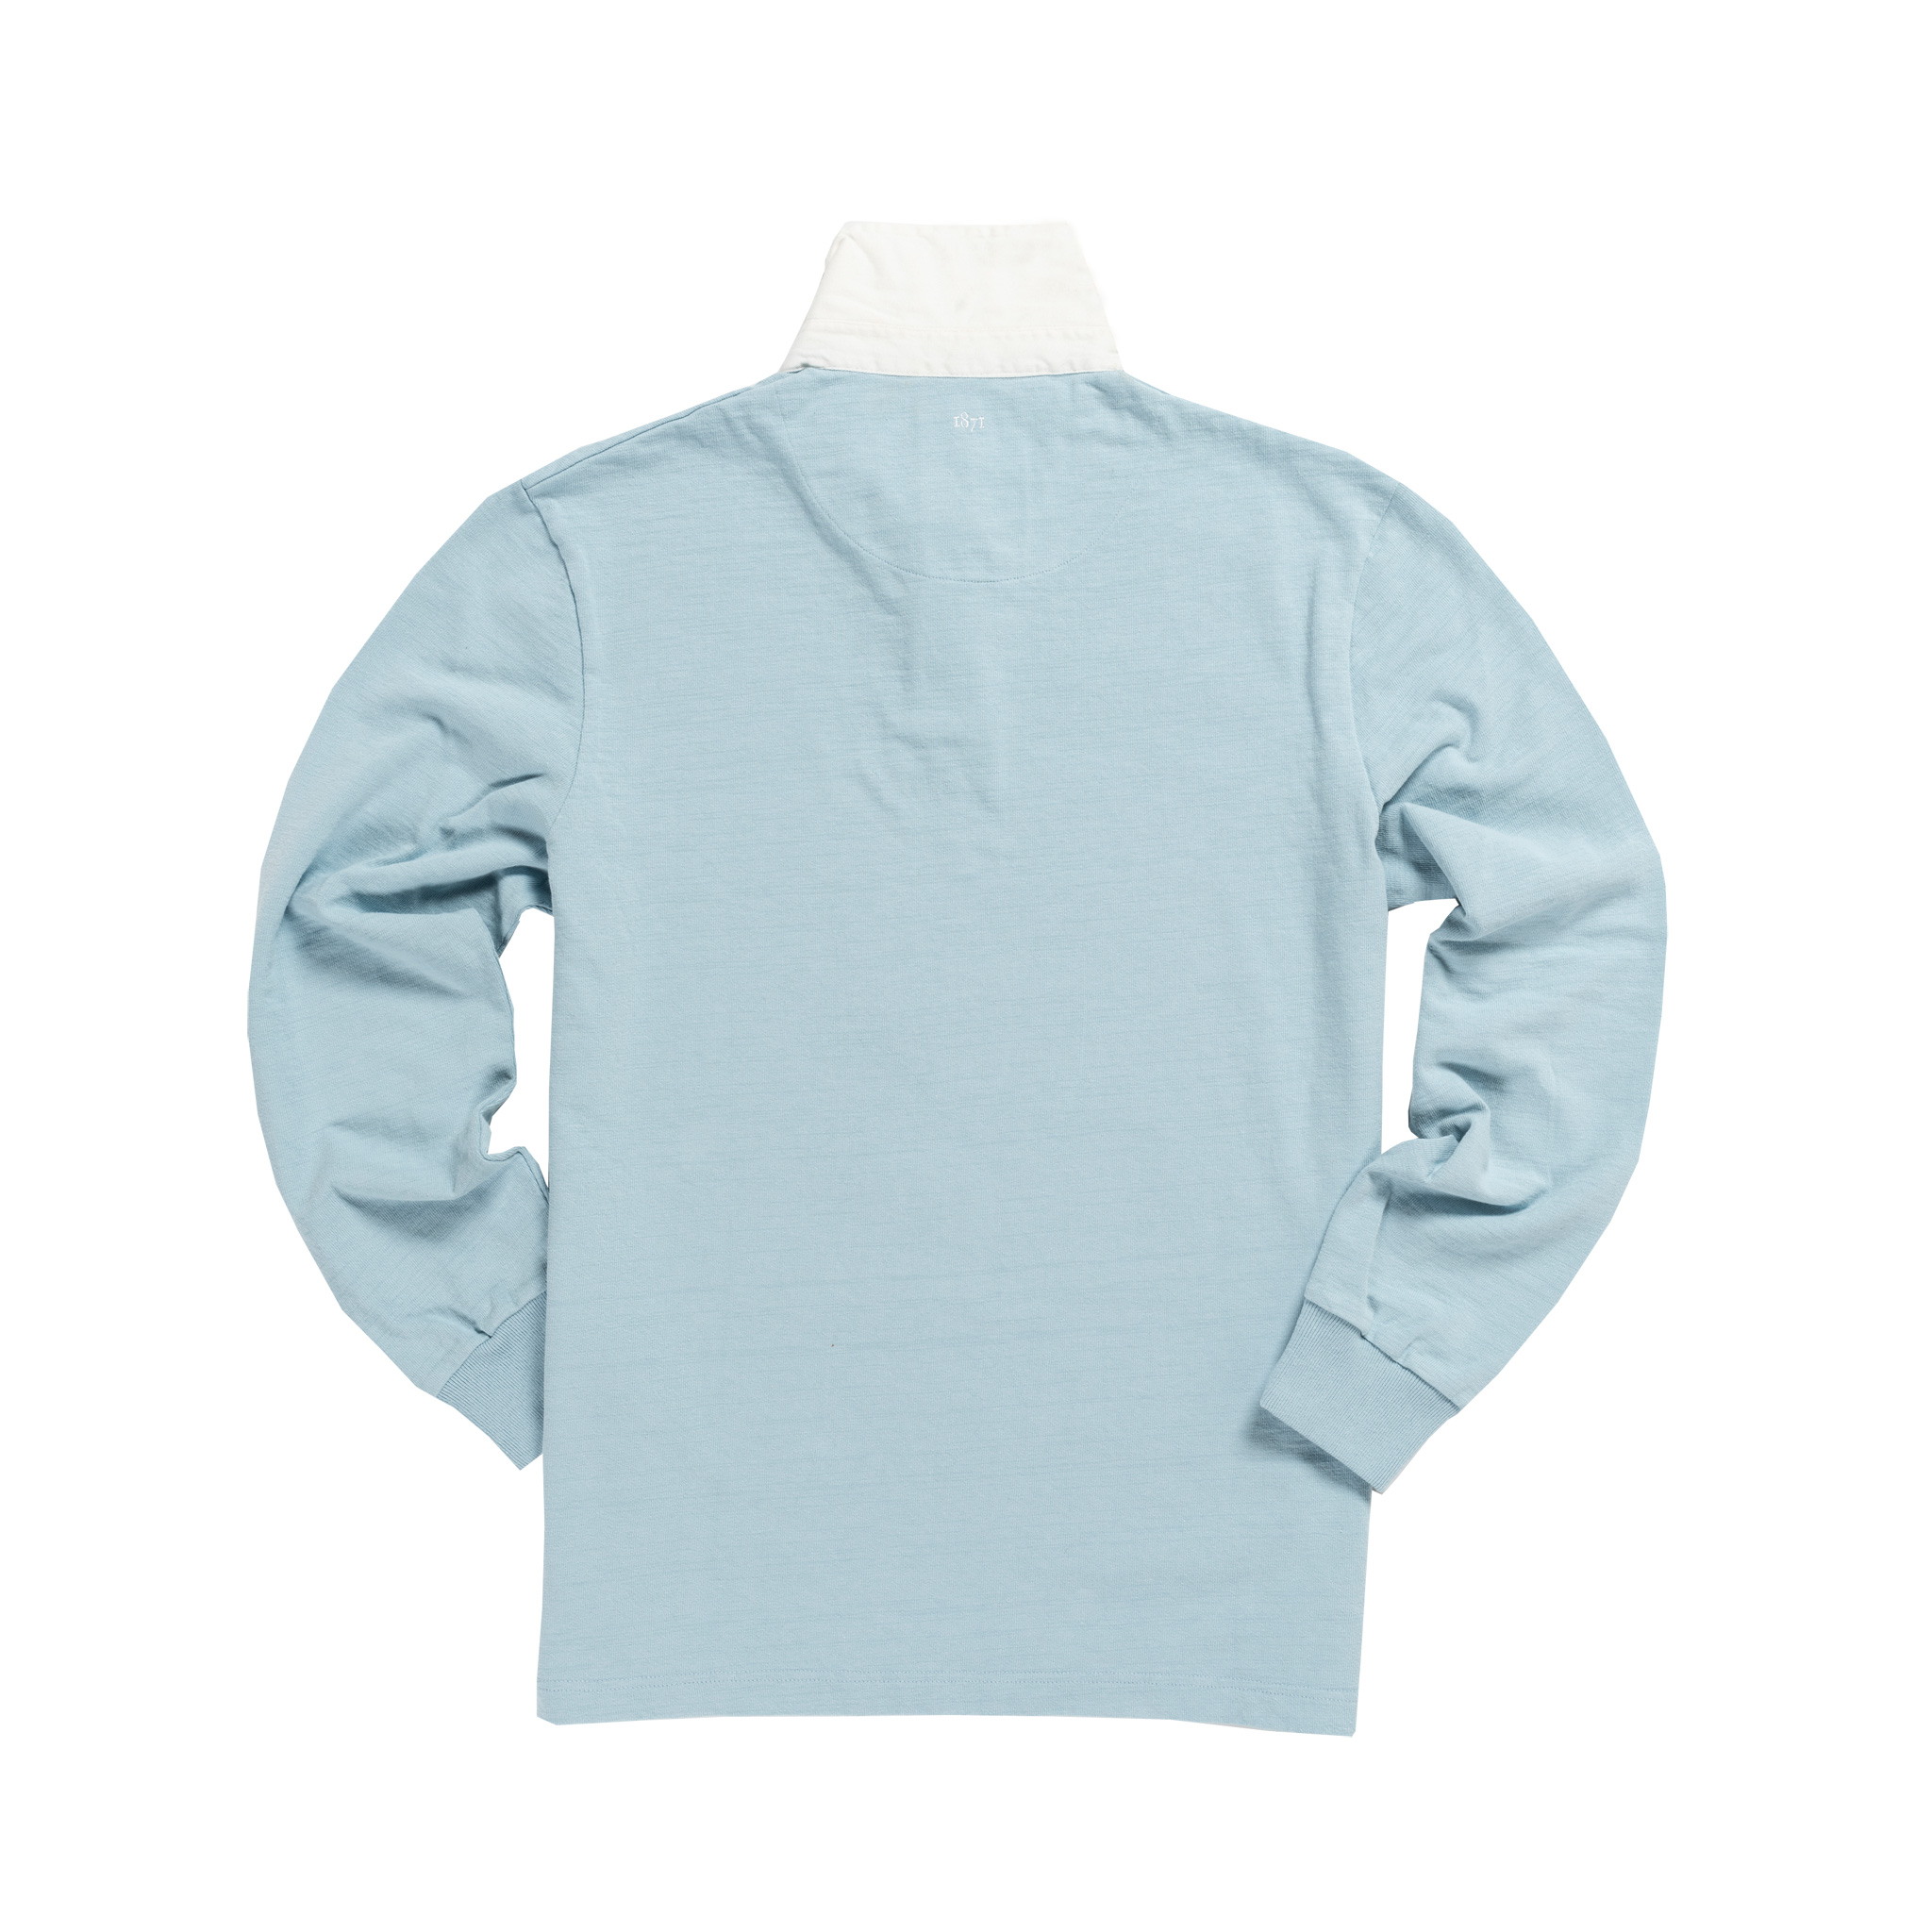 England 1871 Sky Blue Vintage Rugby Shirt_Back